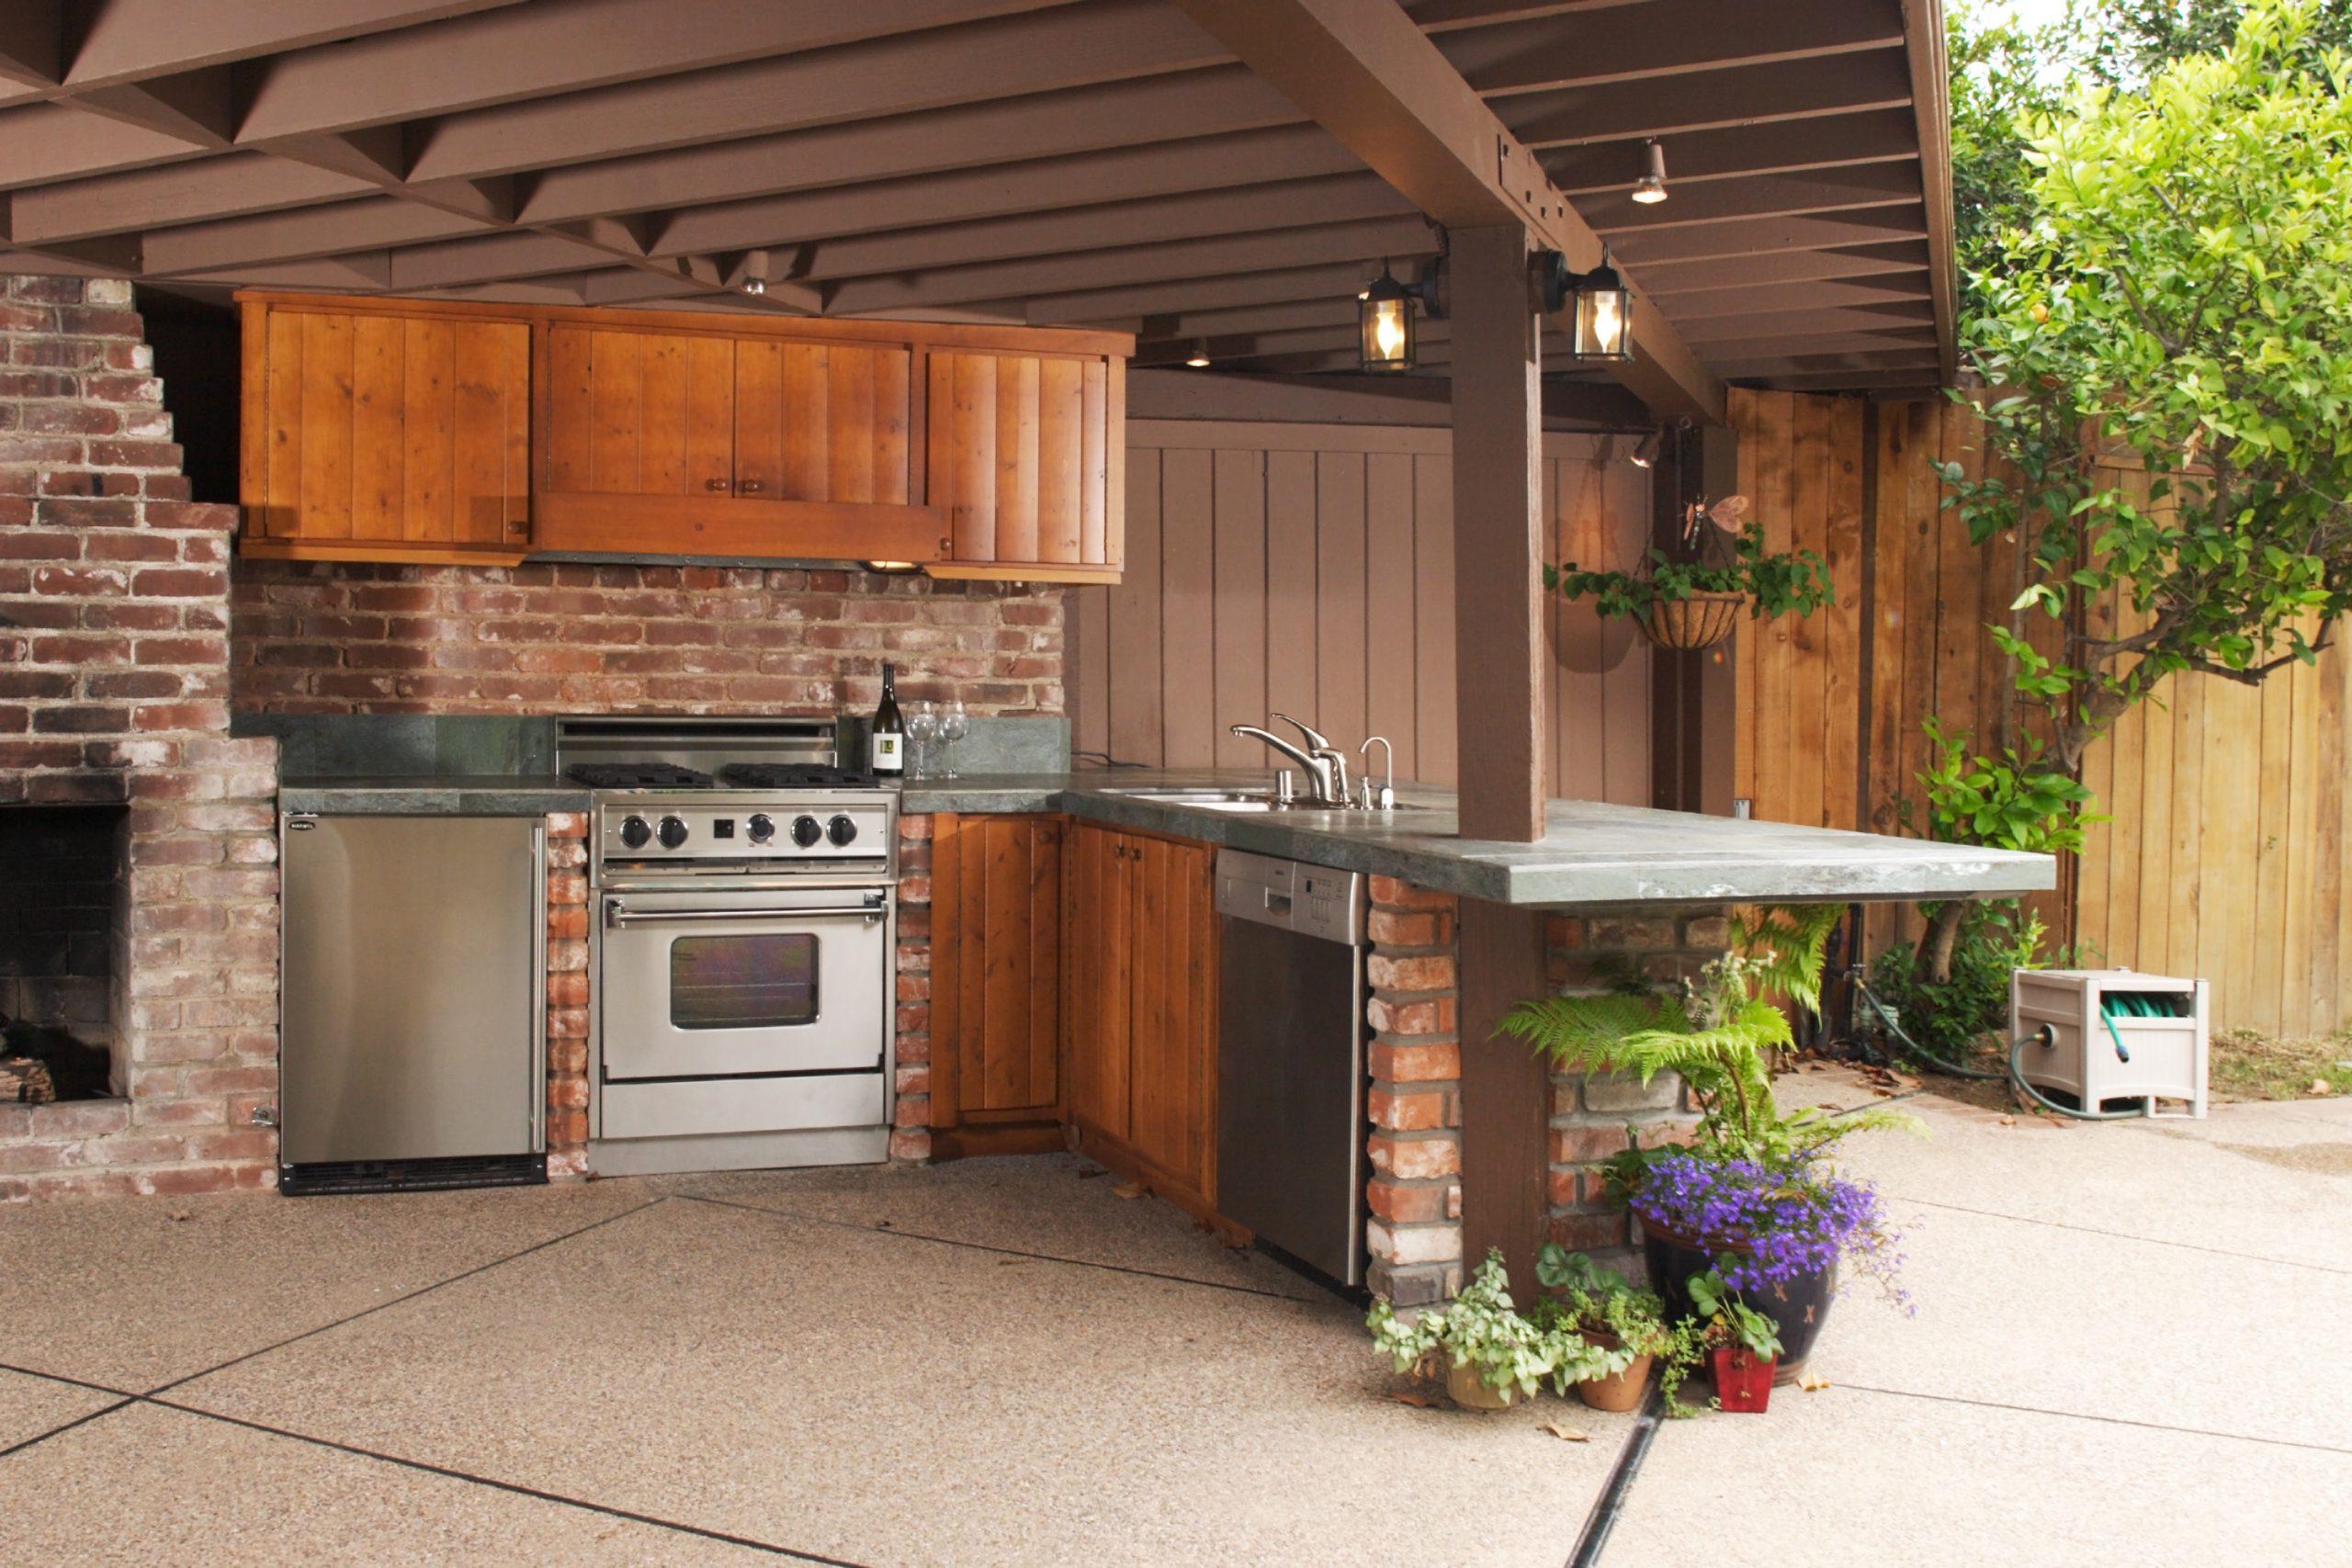 Full Size of Outdoor Küche Kche So Kocht Es Sich Drauen Wie Drinnen Einbauküche Günstig Spüle Armatur Landhausküche Teppich Grifflose Nobilia Anrichte Vinylboden Wohnzimmer Outdoor Küche